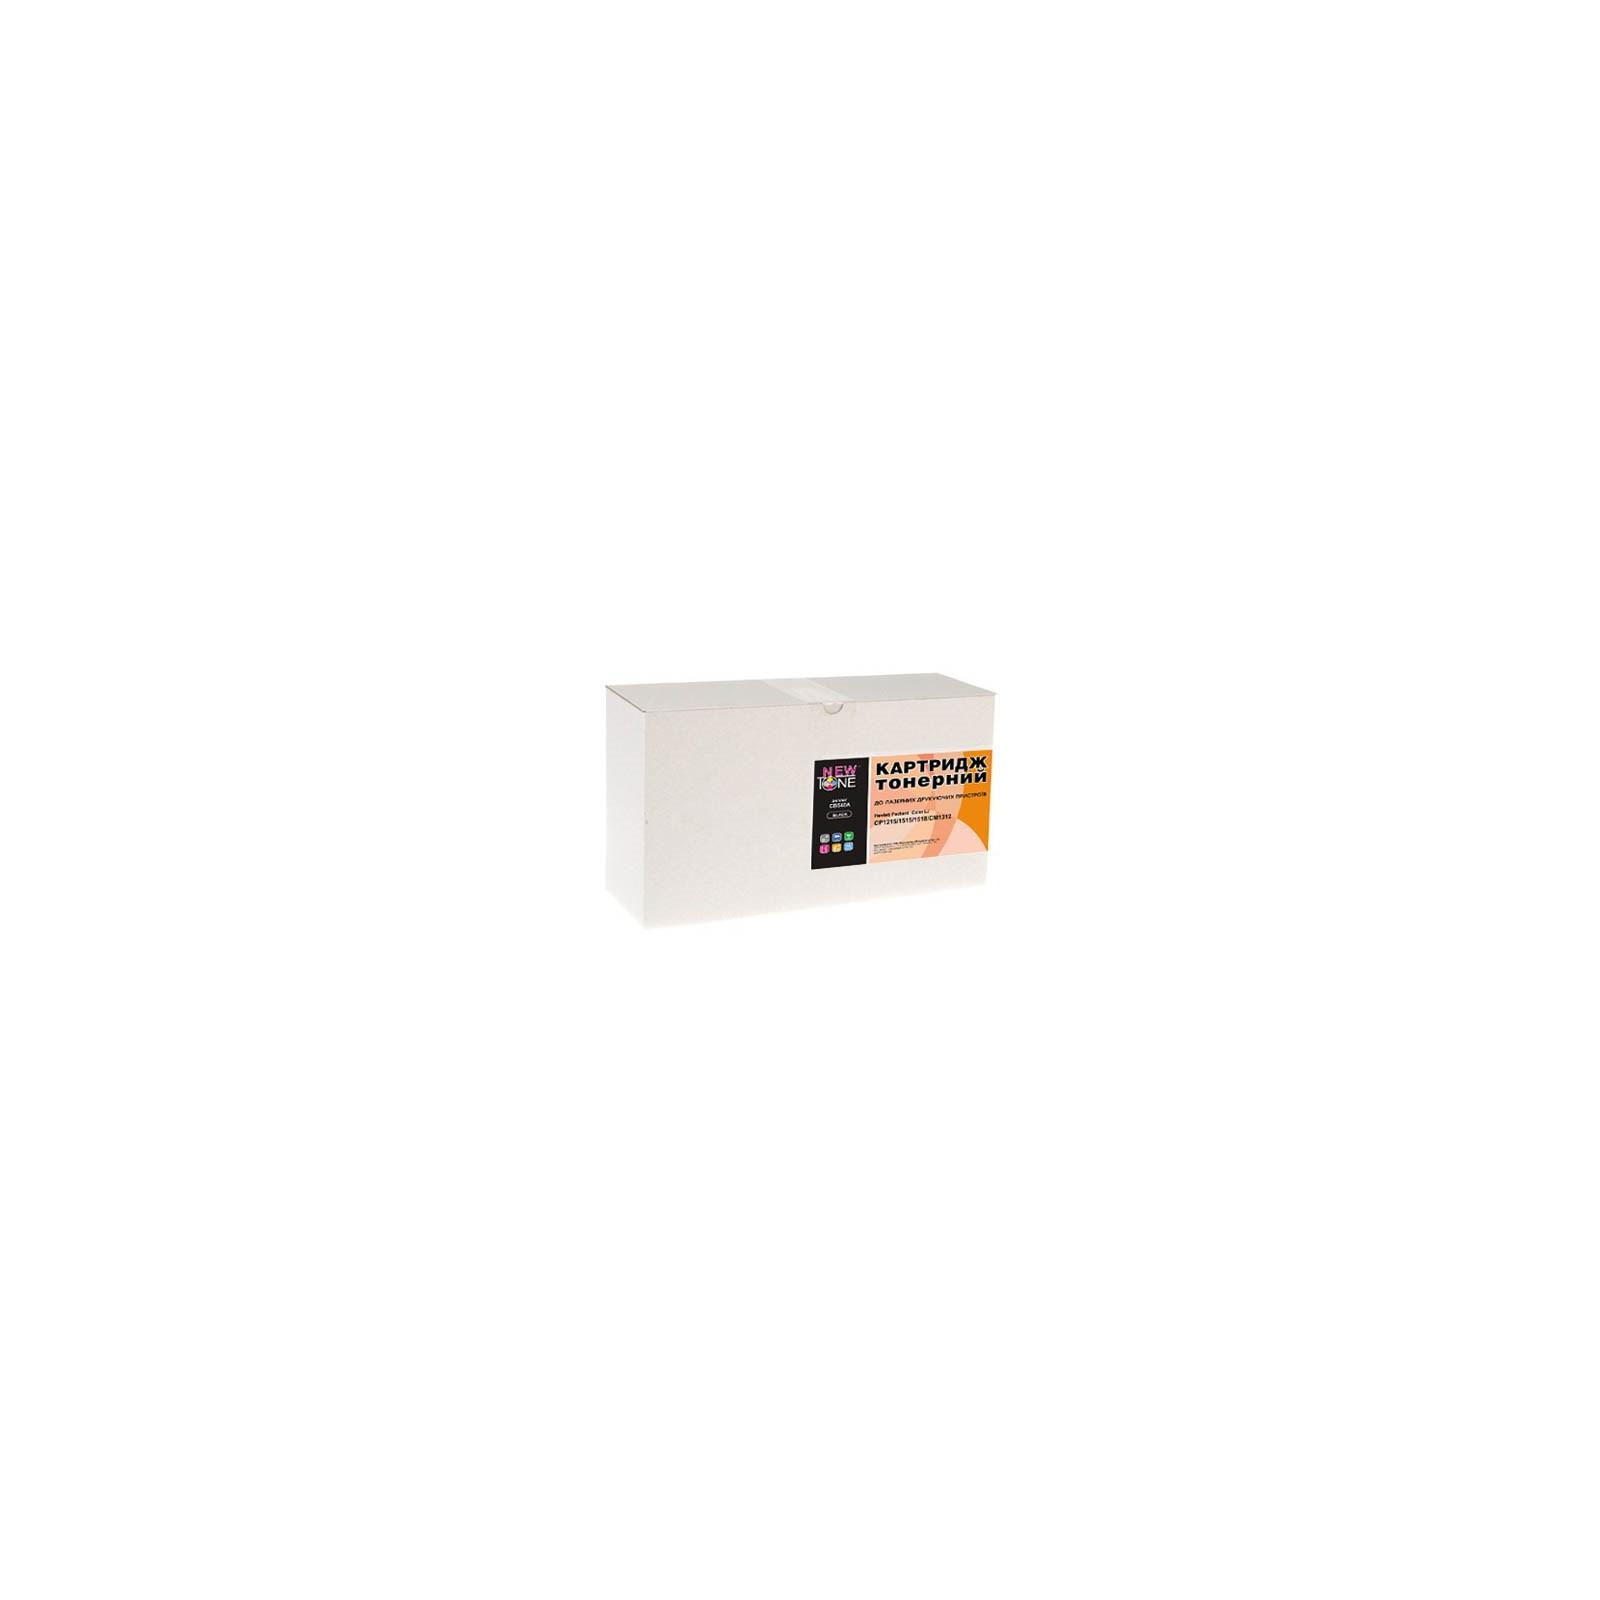 Картридж NewTone для HP CLJ CP1215/1515/1518 Black (CP1215BKE)